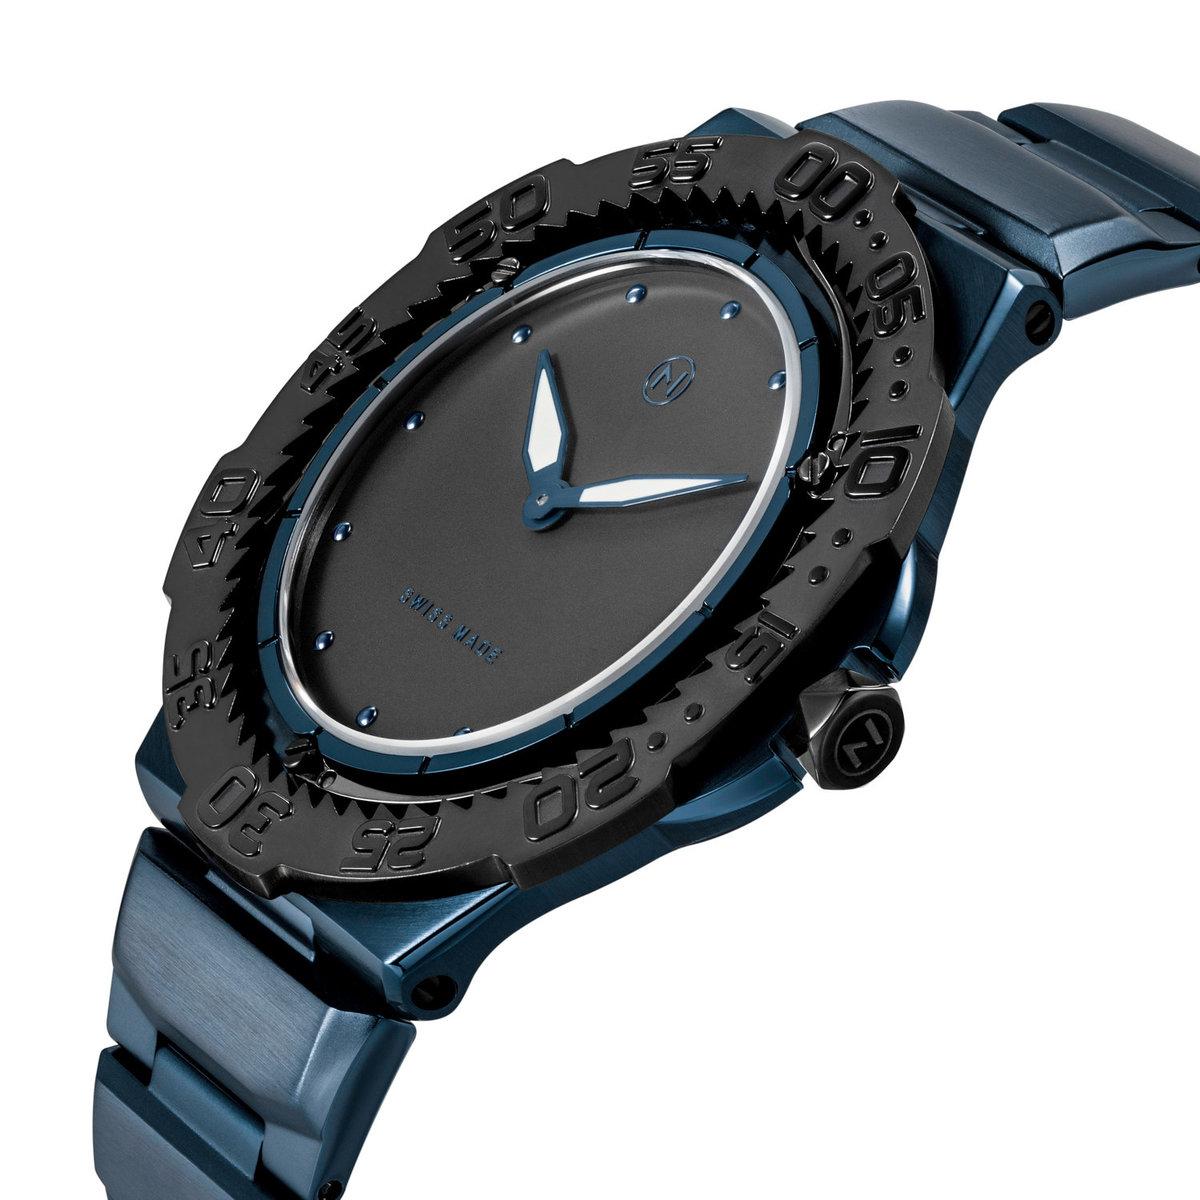 瑞士 NOVE Trident 系列 超薄男士石英潛水錶 (藍黑色 E010-02)